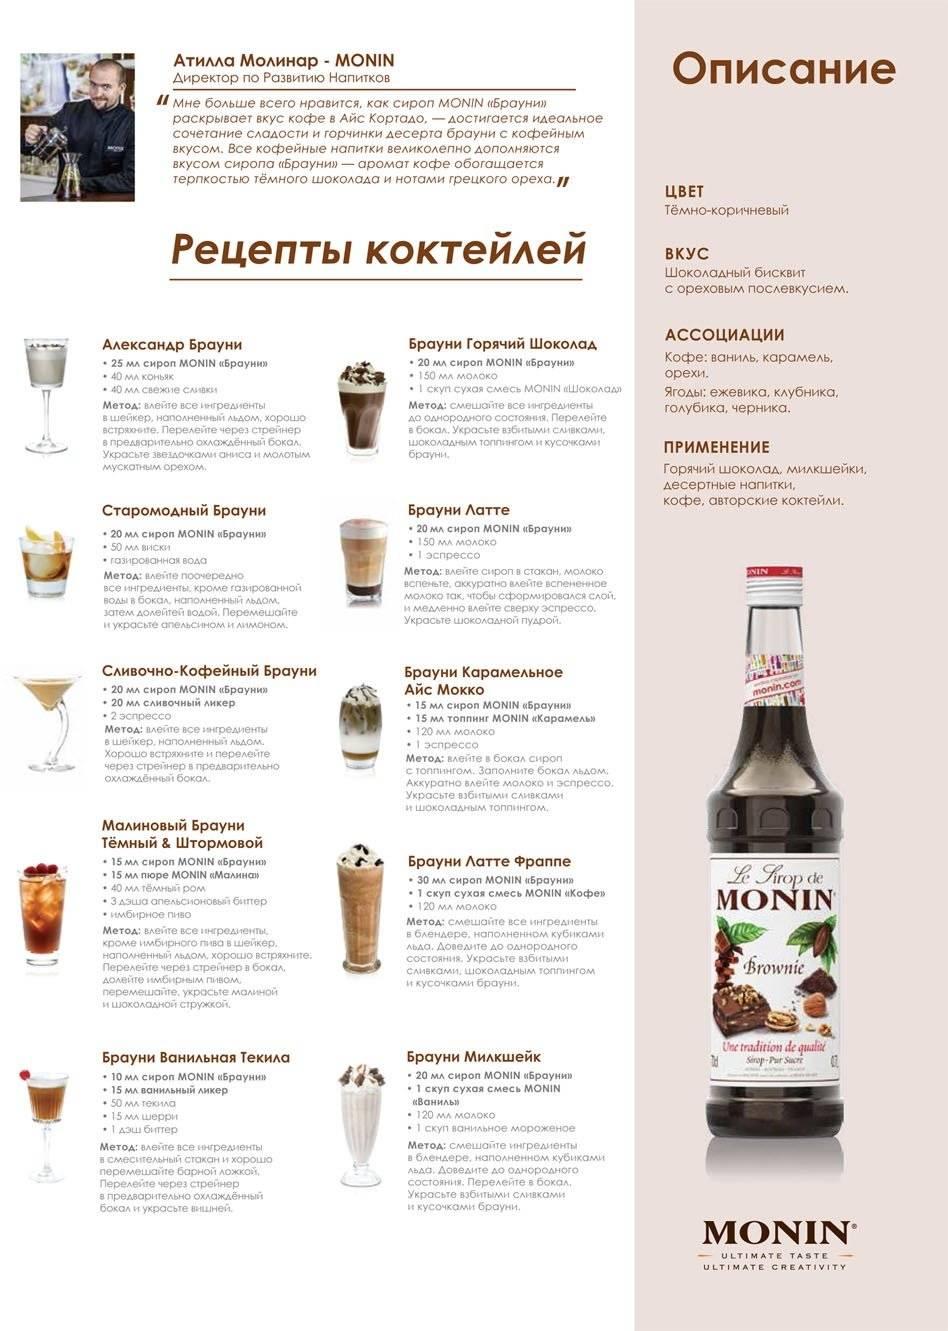 Кофе с алкоголем рецепты | портал о кофе